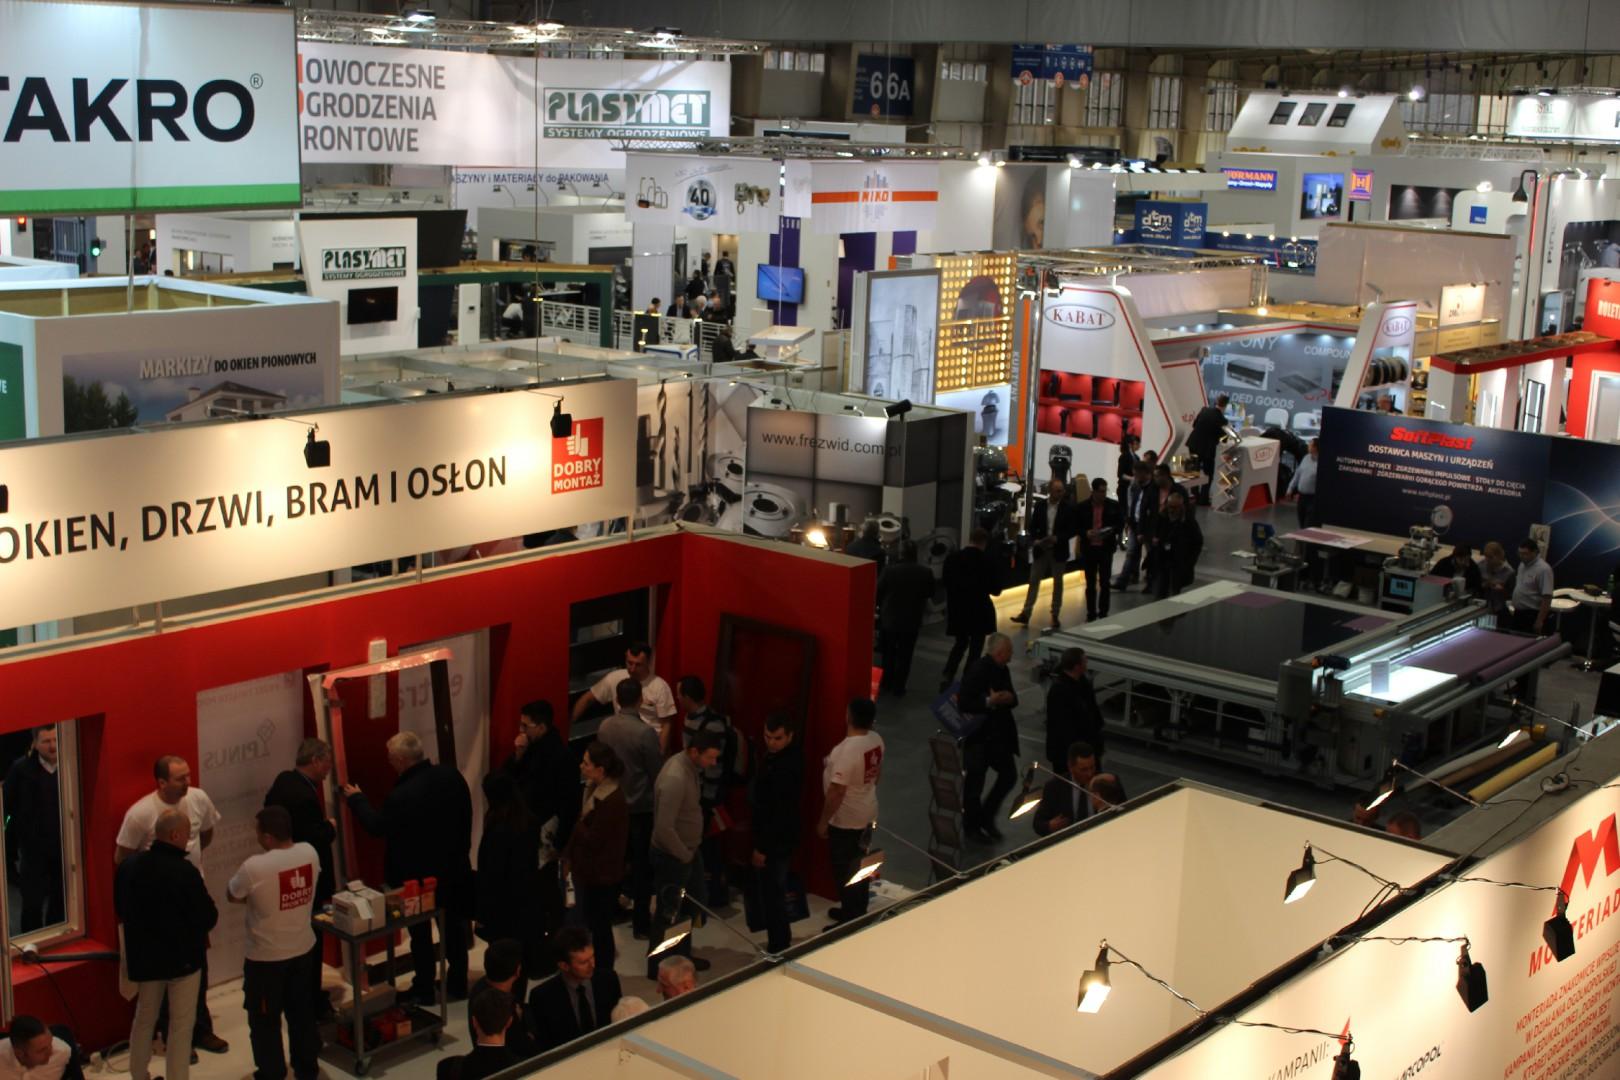 MTP, organizator targów Budma 2016 potwierdza, że przybyło o 10% odwiedzających w stosunku do zeszłorocznej edycji imprezy. Fot. Radosław Zieniewicz